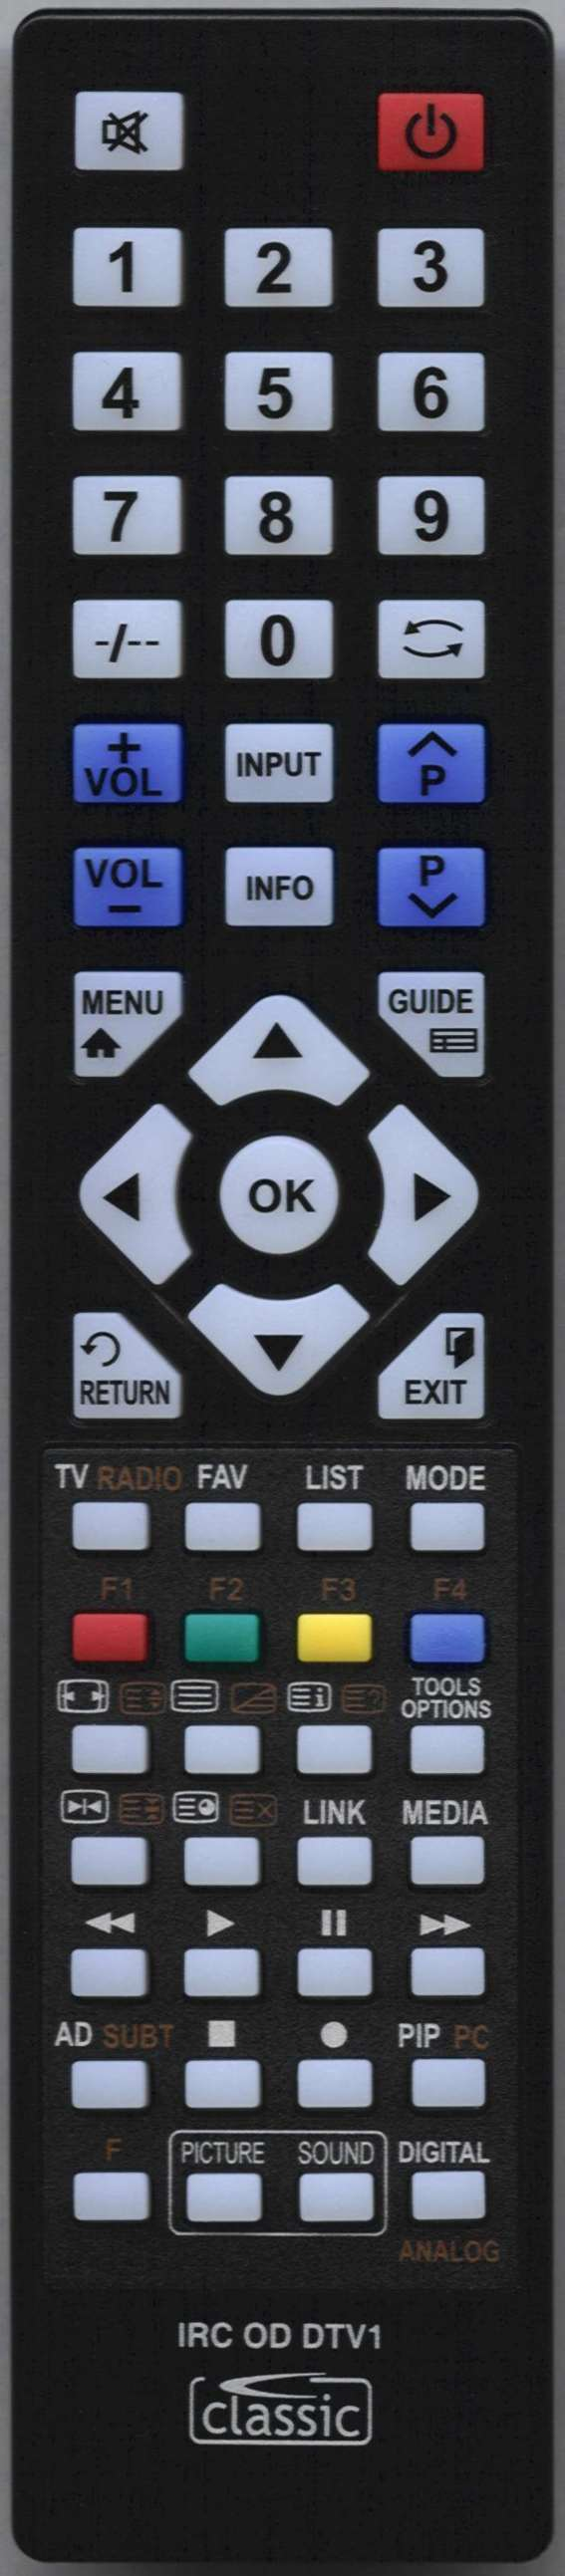 ORION C 1499 Remote Control